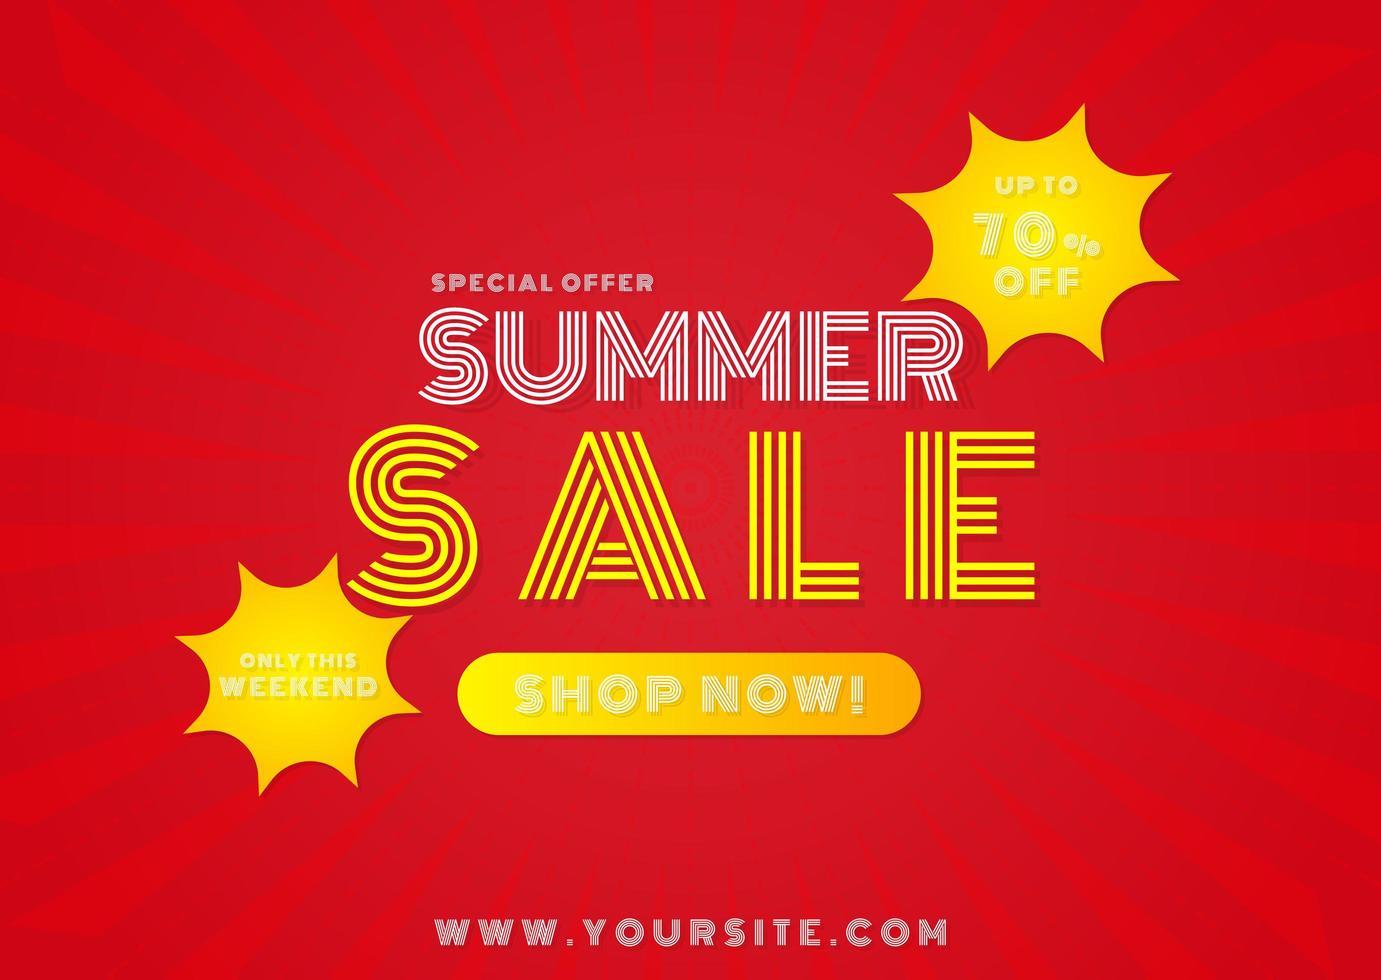 speciale aanbieding zomerverkoop banner vector